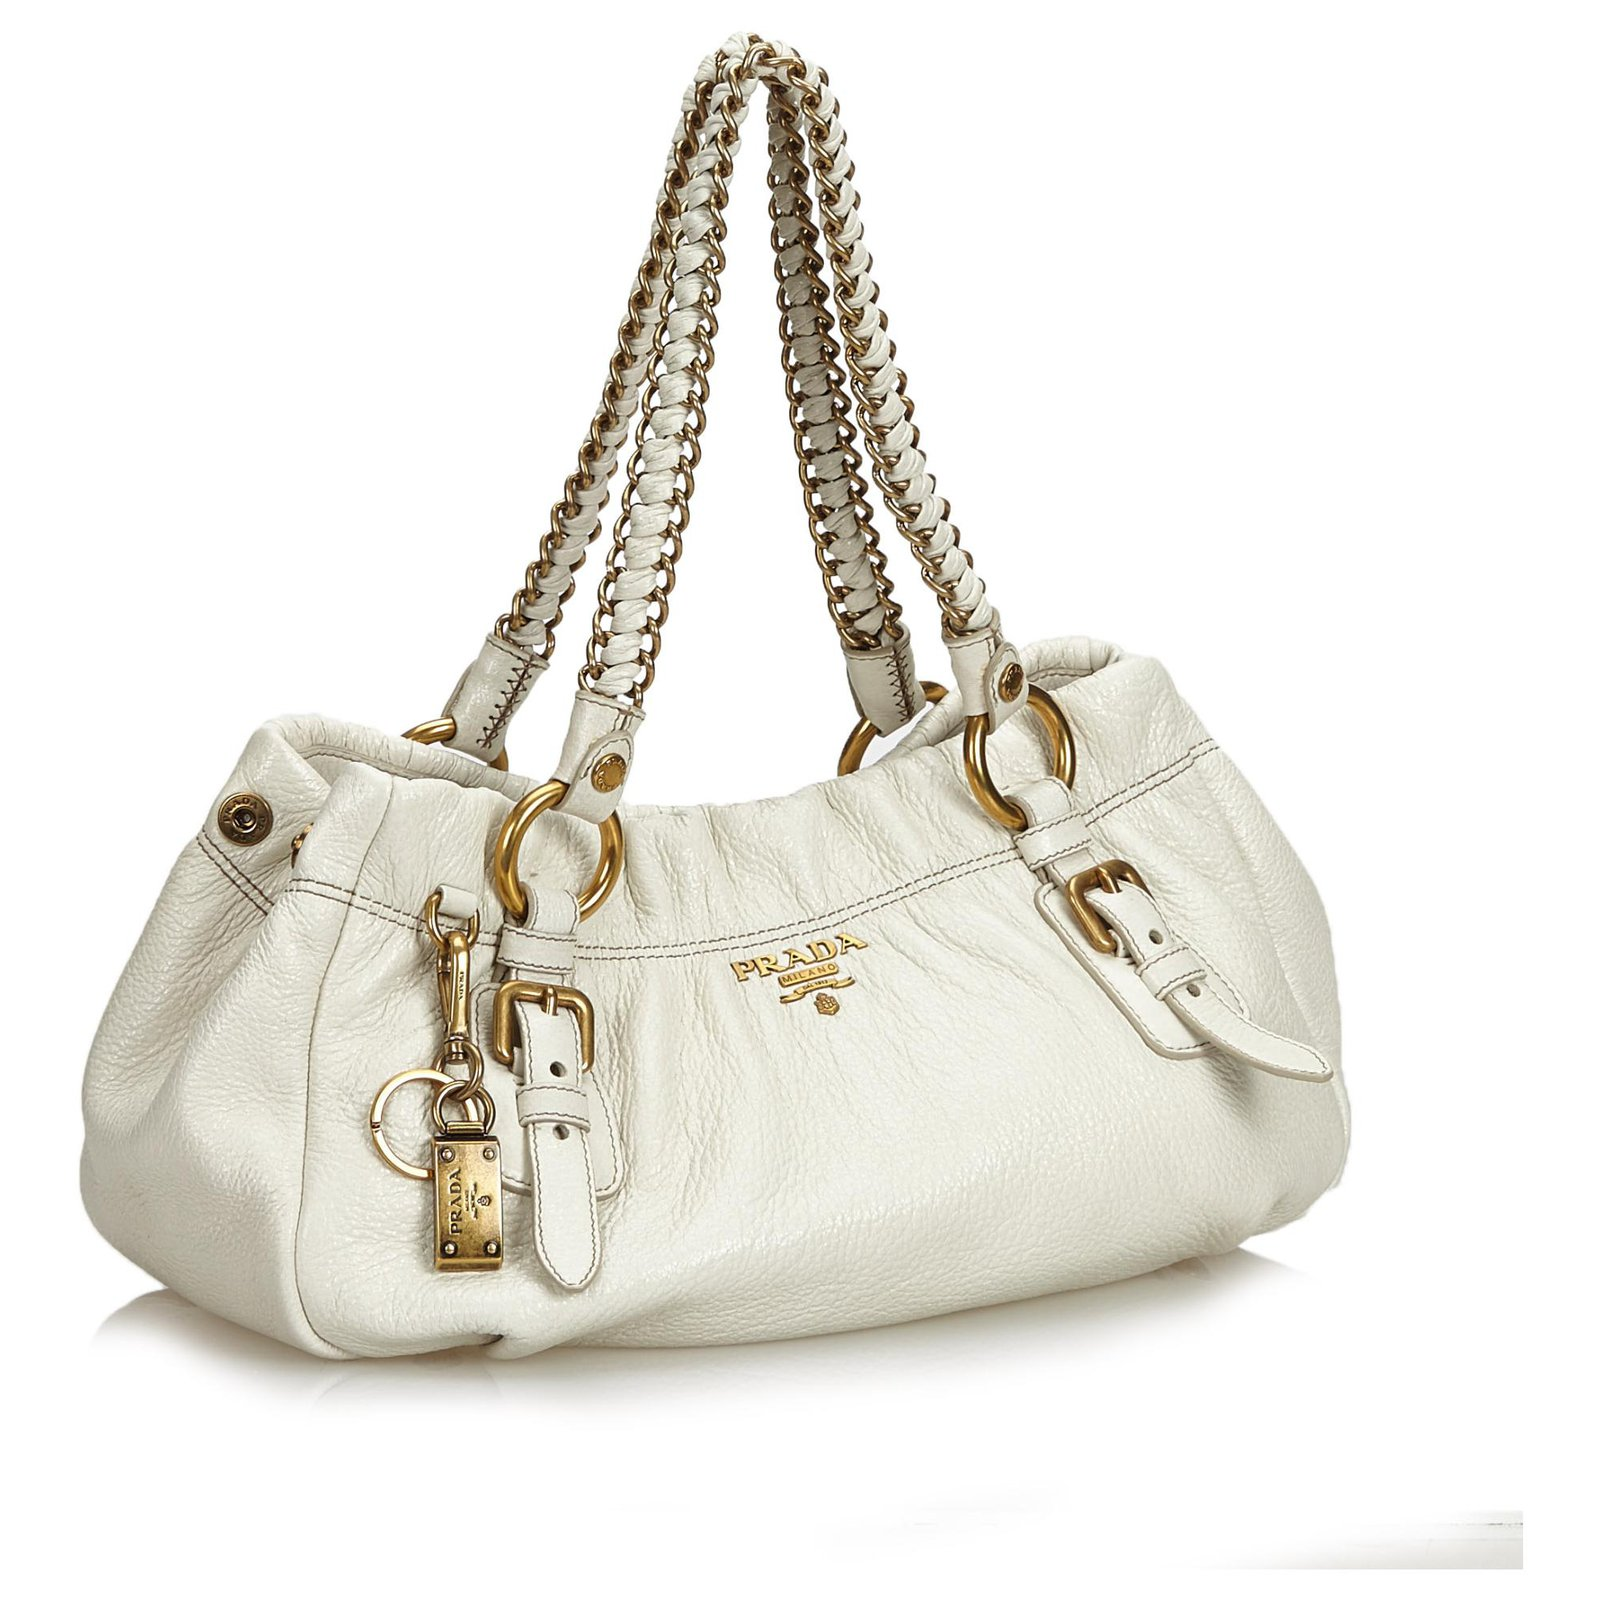 a5a27d8aecc9a7 Prada Prada White Cervo Lux Chain Shoulder Bag Handbags Leather,Other White  ref.122854 - Joli Closet